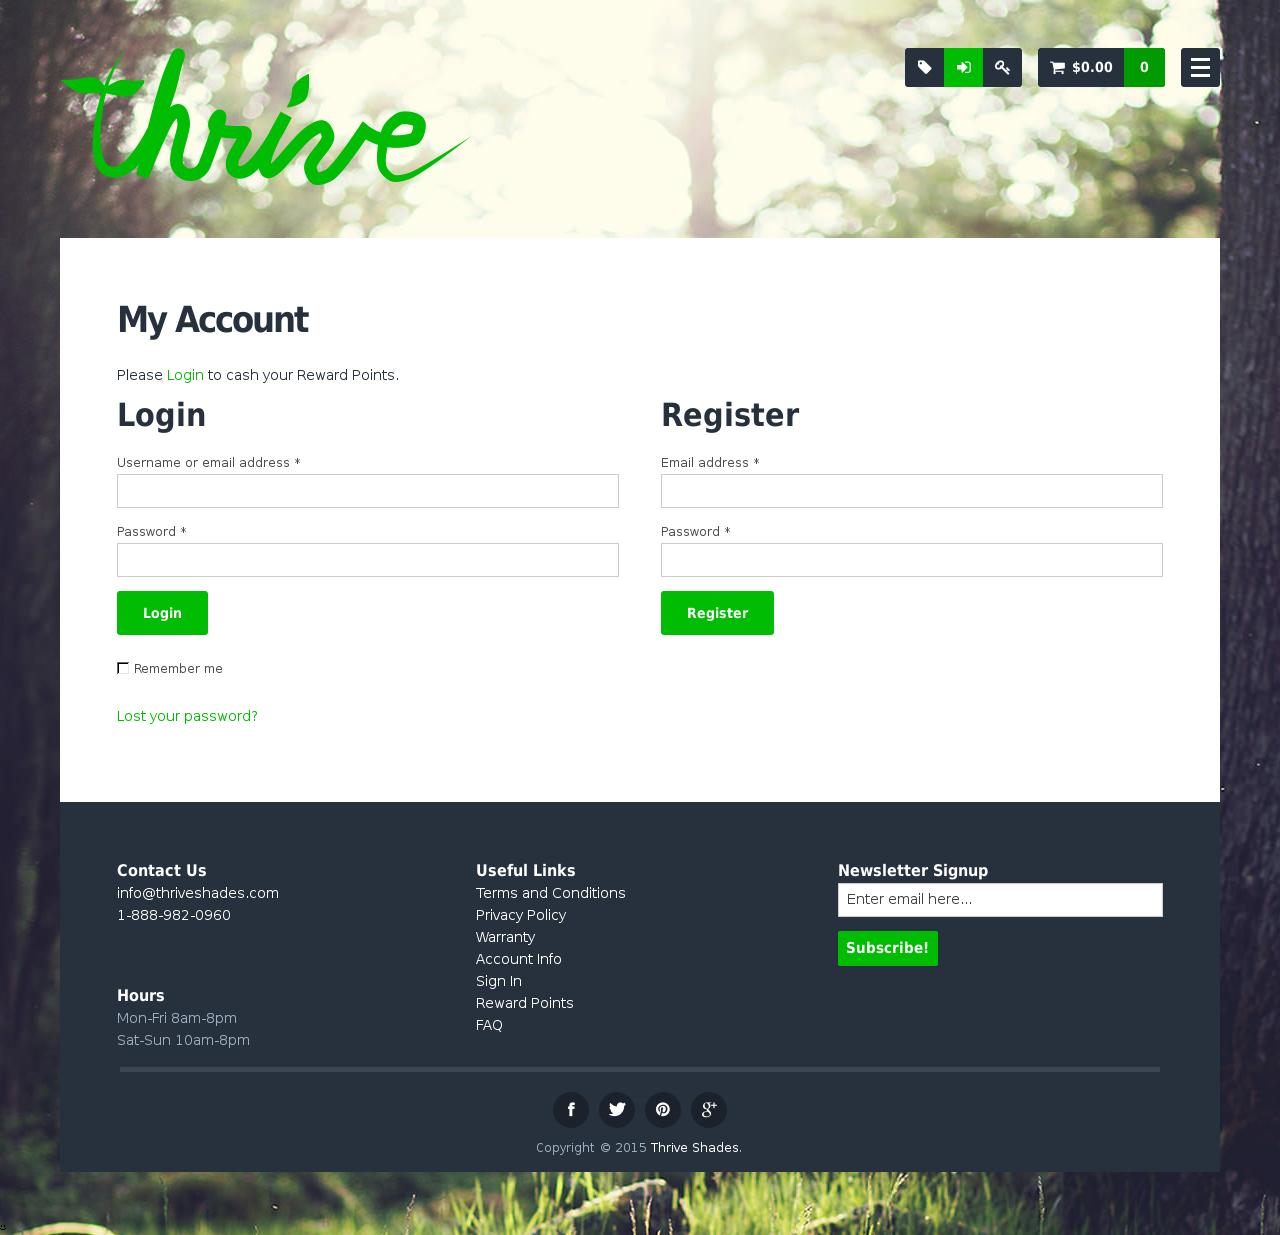 thriveshades.com-20150114-8fc5bca74198d2d732ee7d330c8597a9